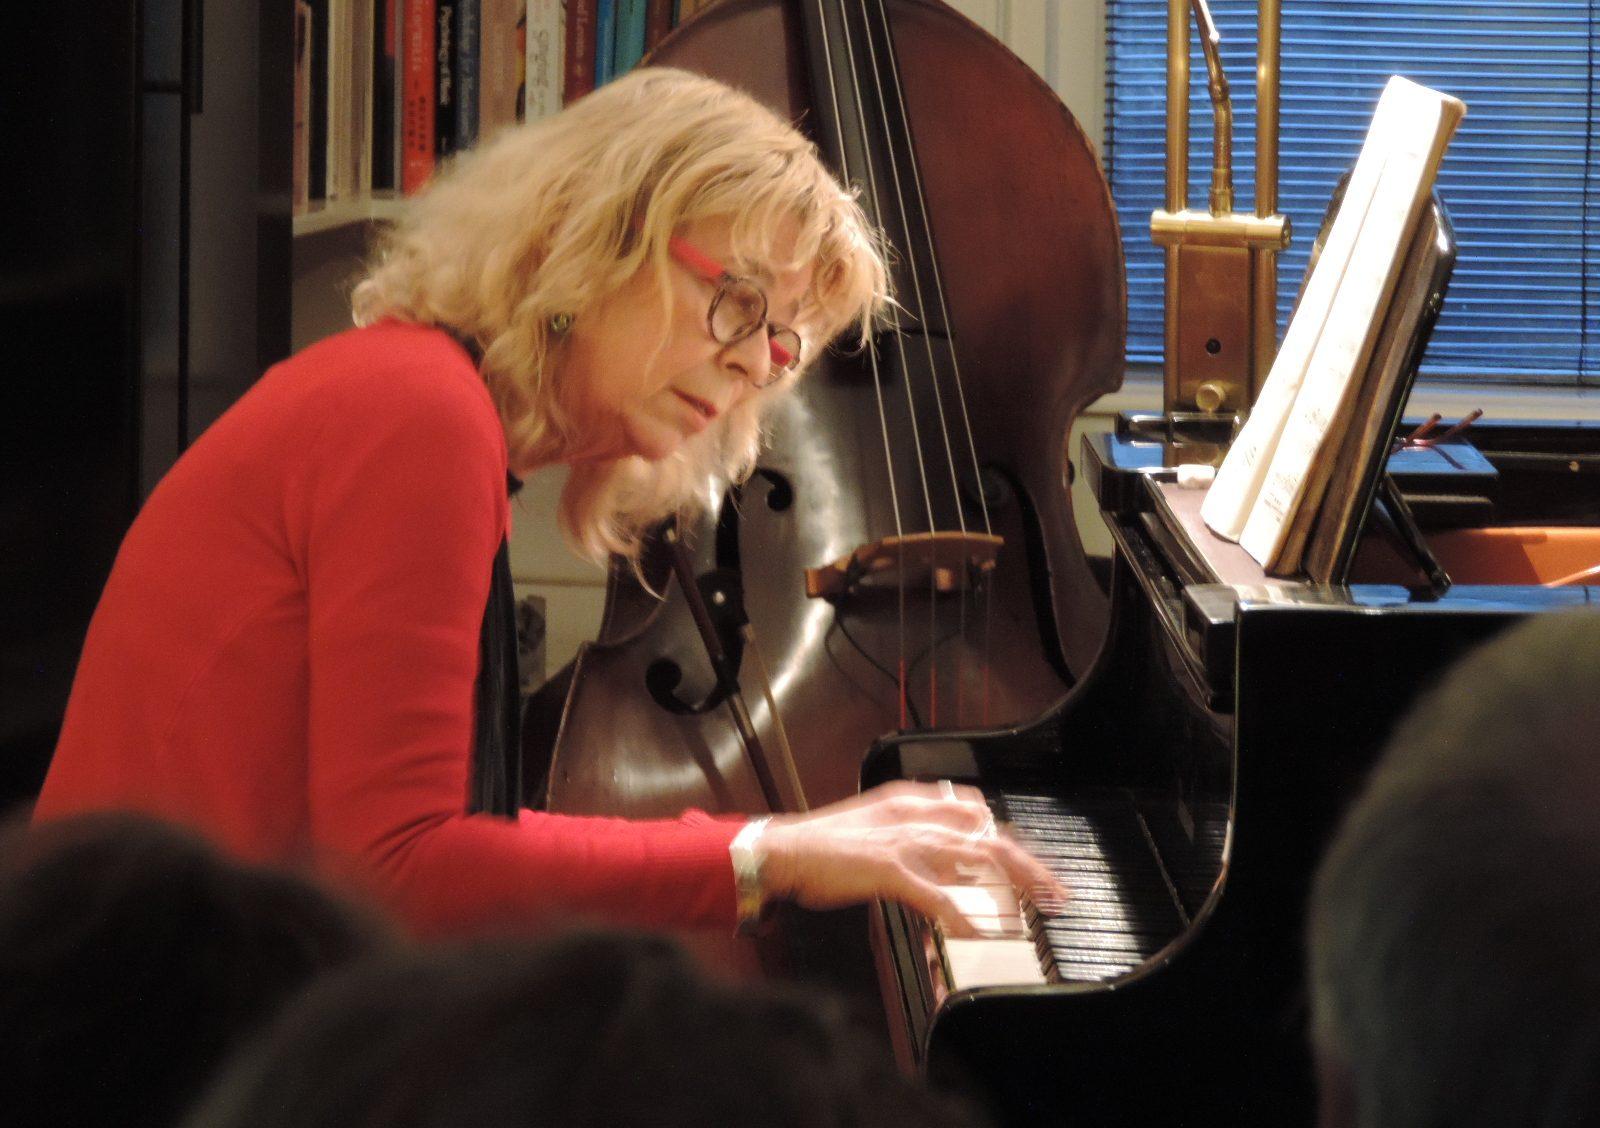 Kristine Teeuw pianodocent geeft thuis pianoles aan kinderen en volwassenen